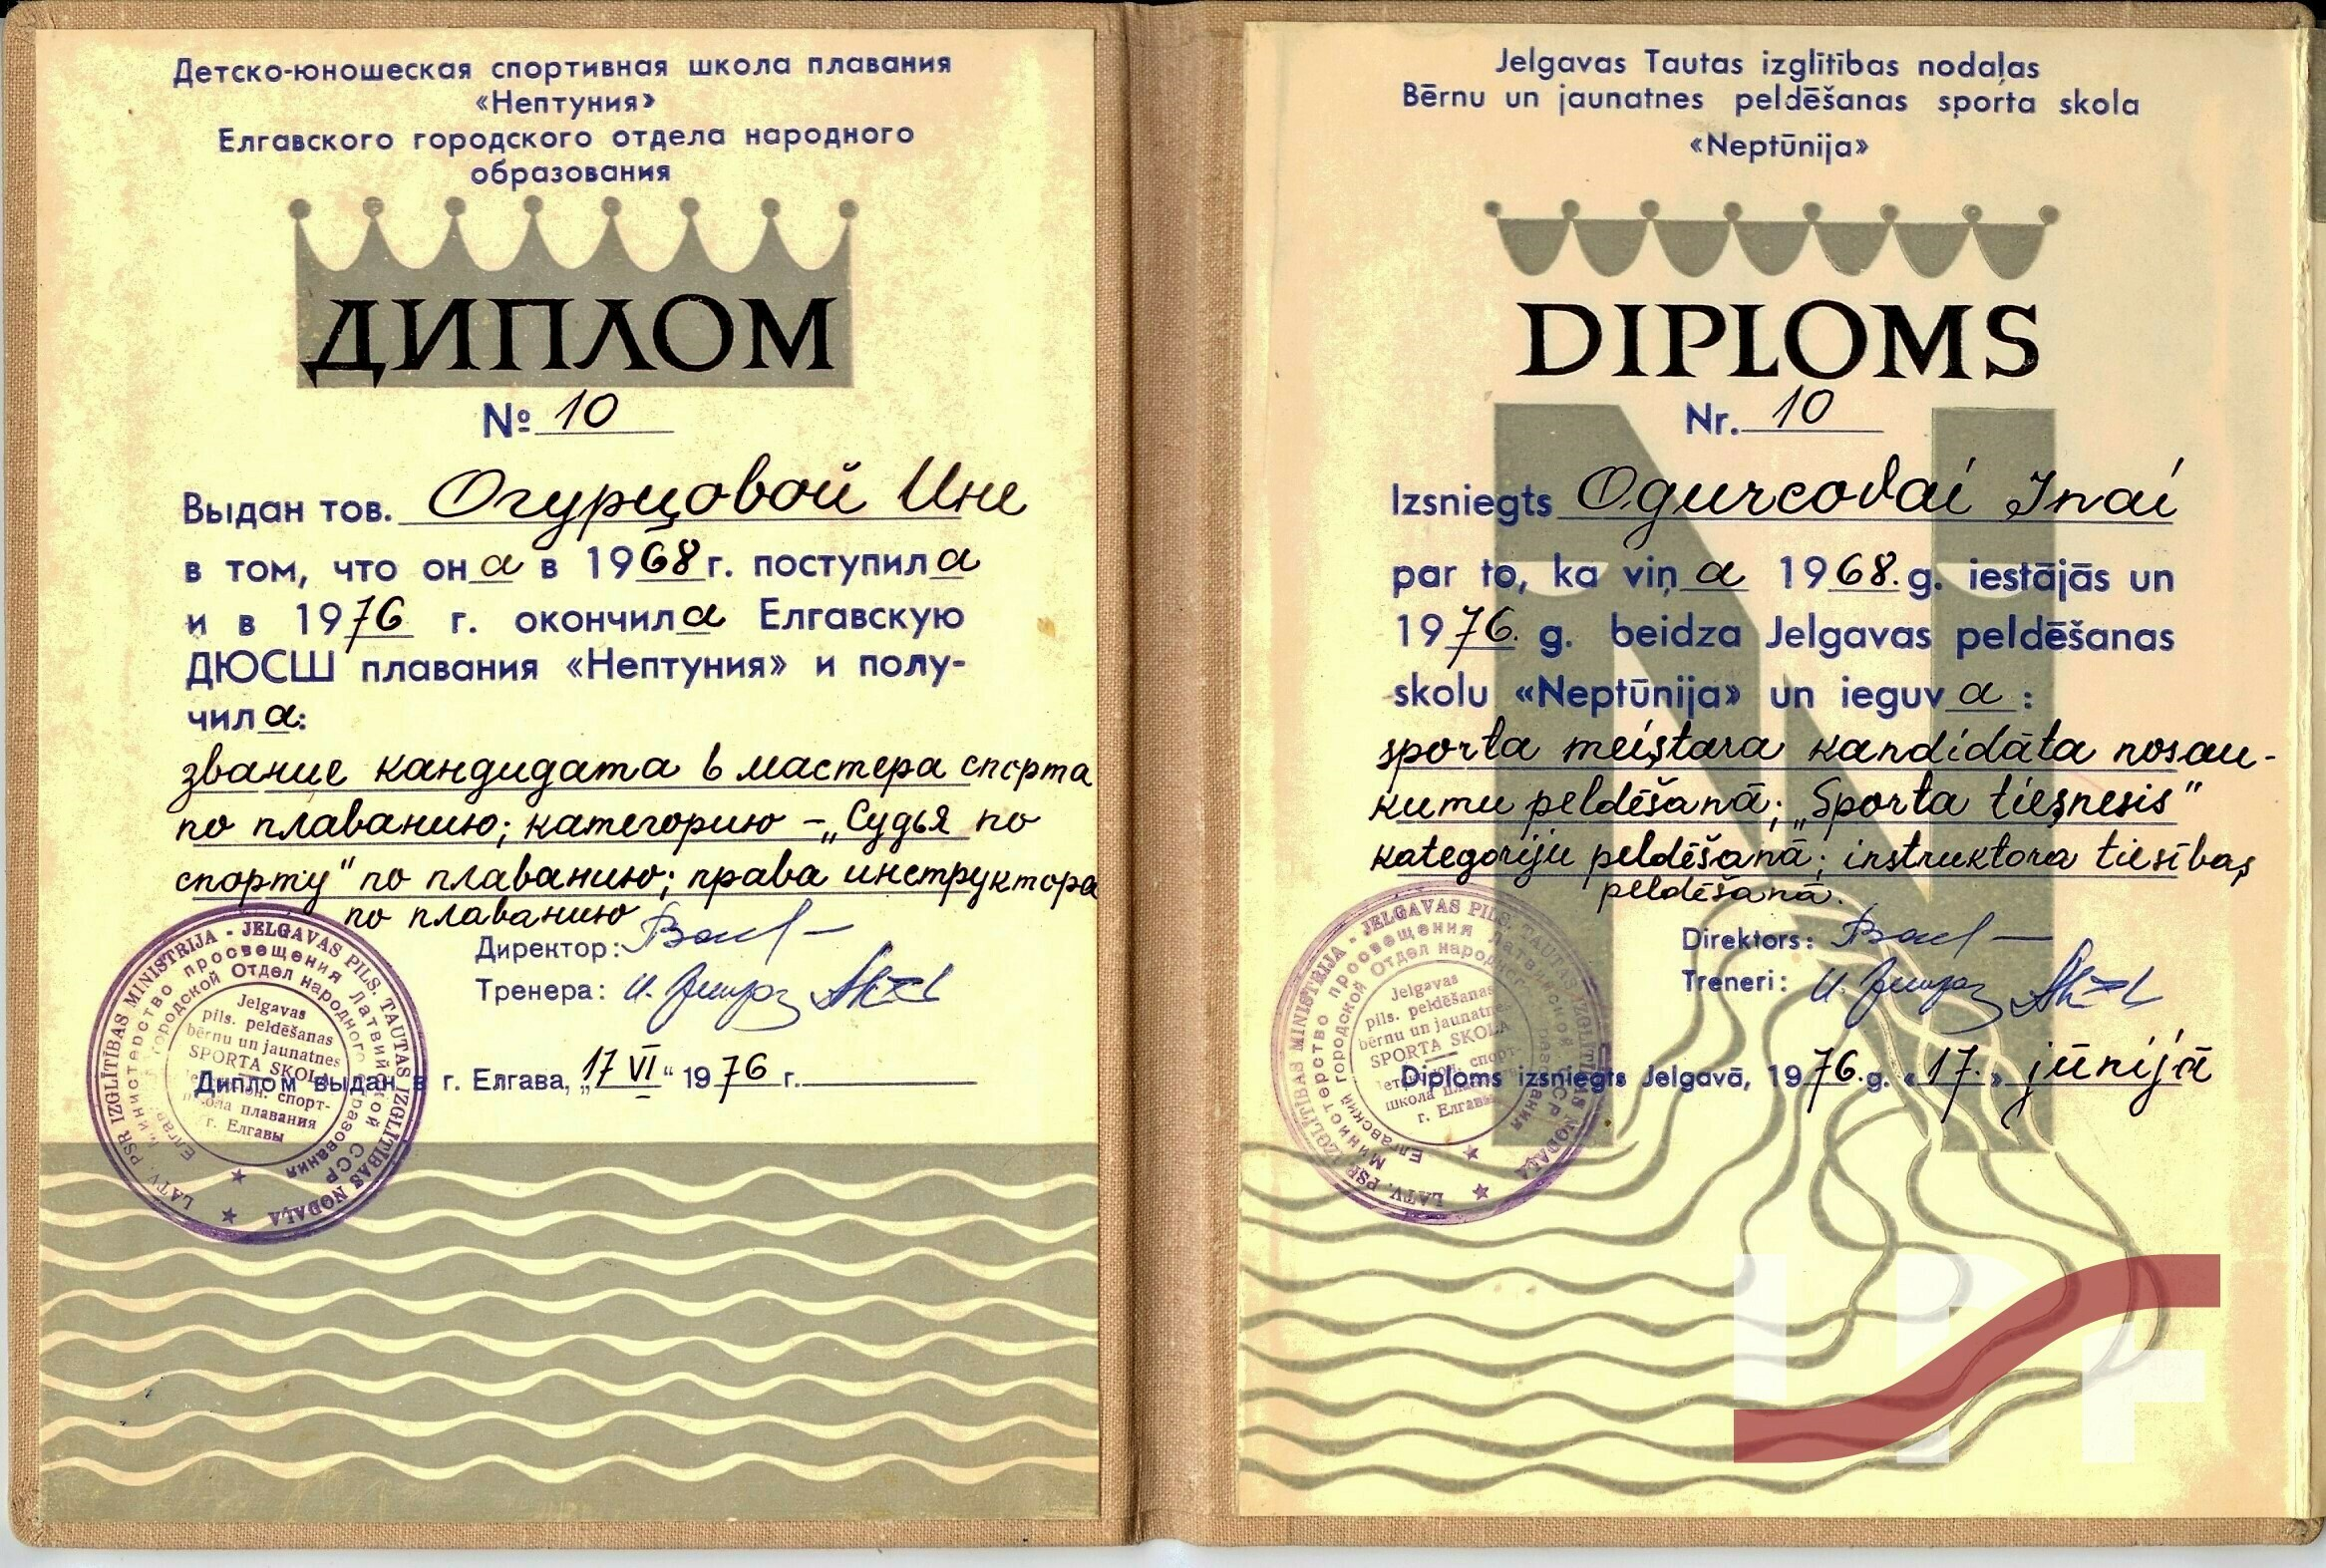 """Diploms (Nr. 10.): """"Jelgavas Tautas izglītības nodaļas Bērnu un jaunatnes peldēšanas sporta skola """"Neptūnija"""". Izsniegts Inai Ogurcovai par to, ka viņa 1968. g. iestājās un 1976. g. beidza Jelgavas peldēšanas skolu """"Neptūnija"""" un ieguva: sporta meistara kandidāta nosaukumu peldēšanā; """"Sporta tiesnesis"""" kategoriju peldēšanā; instruktora tiesības peldēšanā. Diploms izsniegts Jelgavā, 1976. g. 17. jūnijā."""" Inas Grīnbergas privātais arhīvs"""